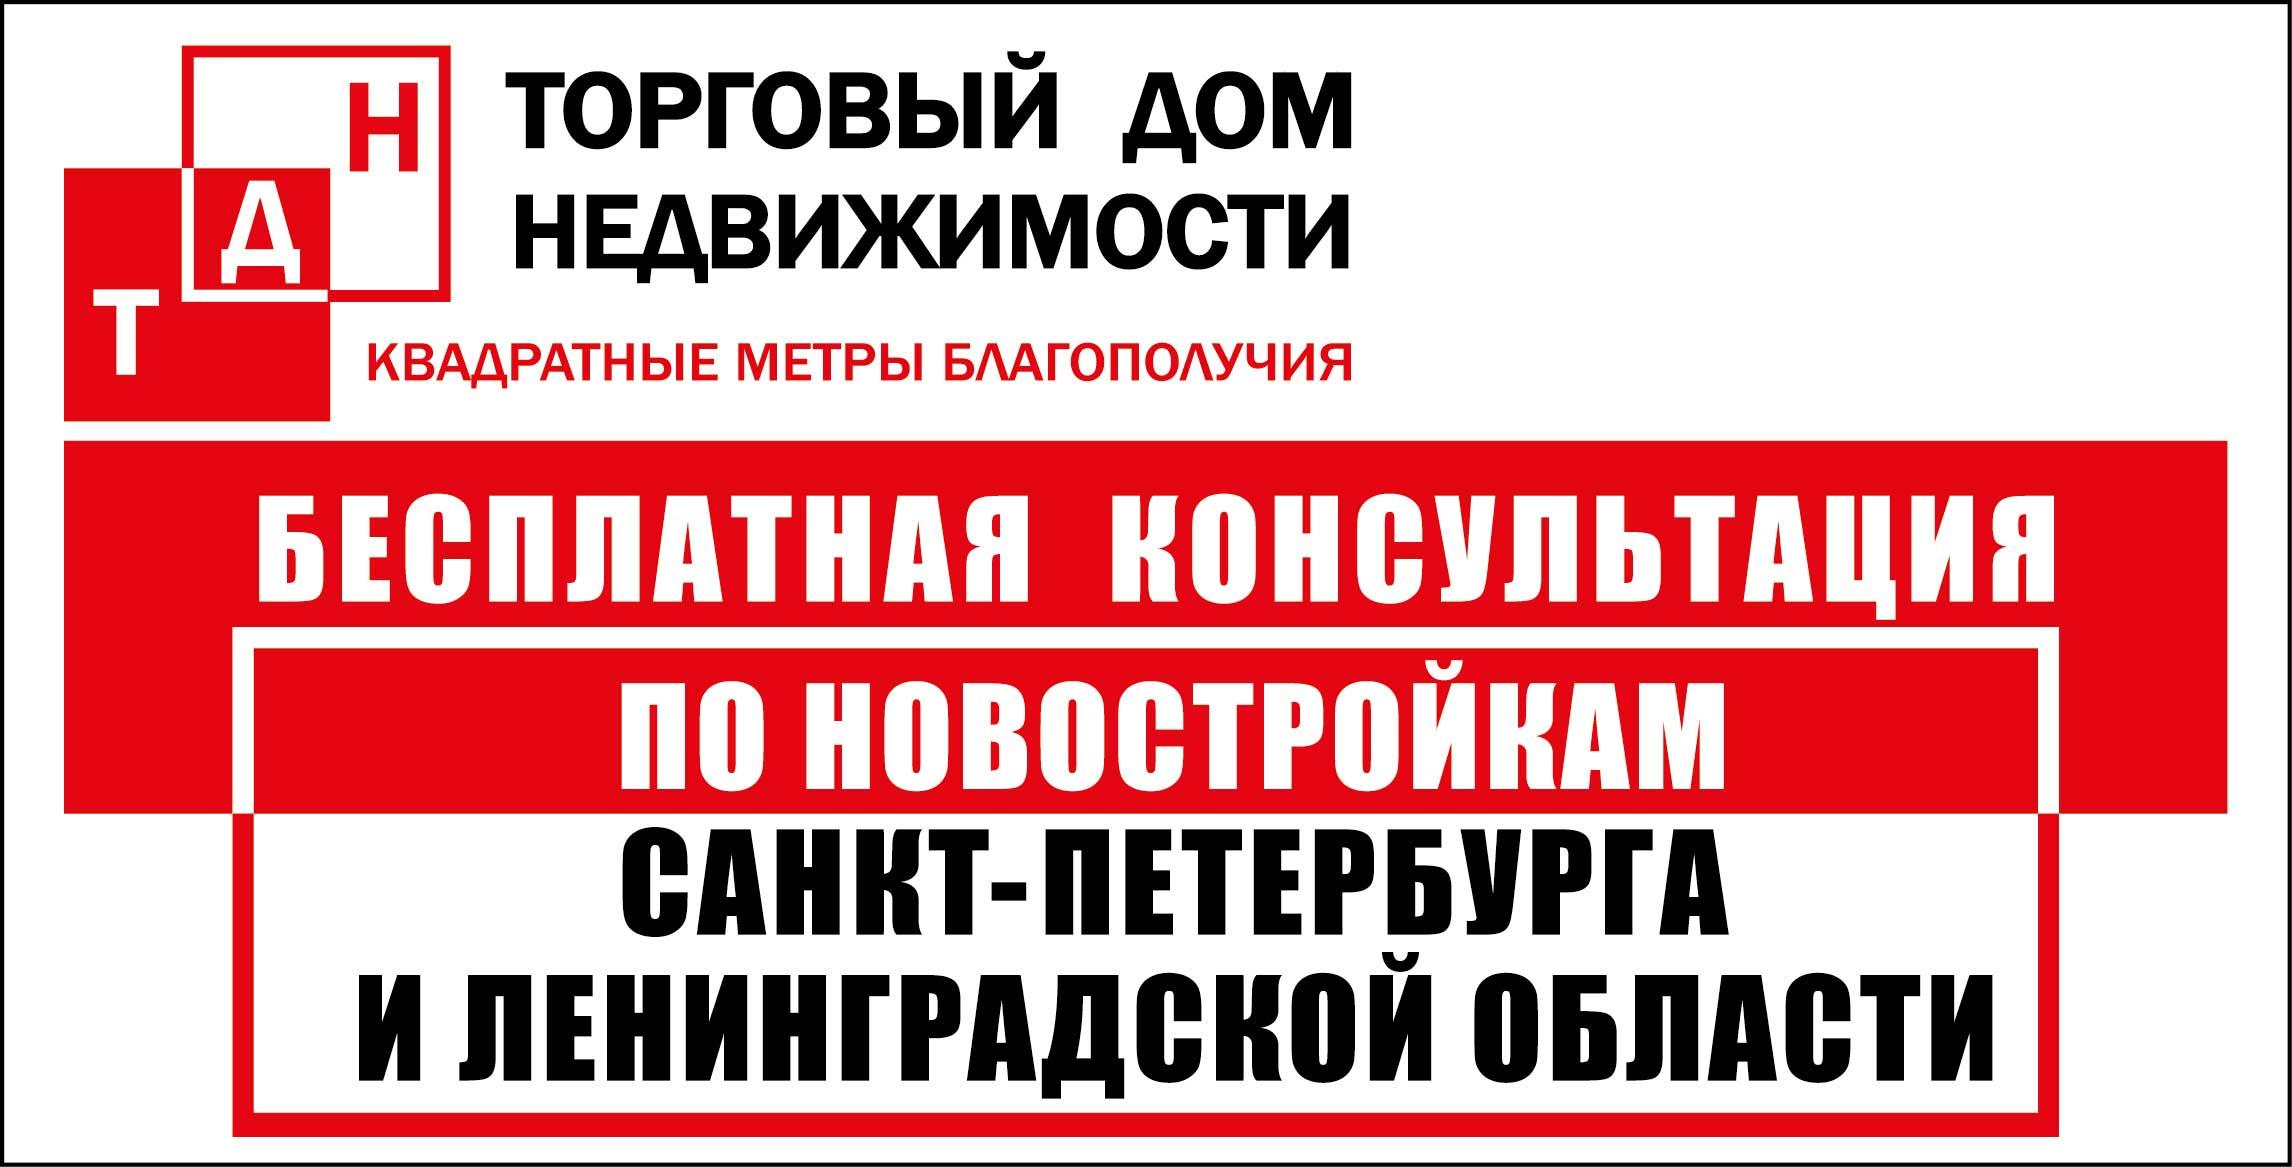 Объявления о недвижимости в санкт-петербурге частные объявления хочу дать объявление на продажу манет ссср в екатеринбурге